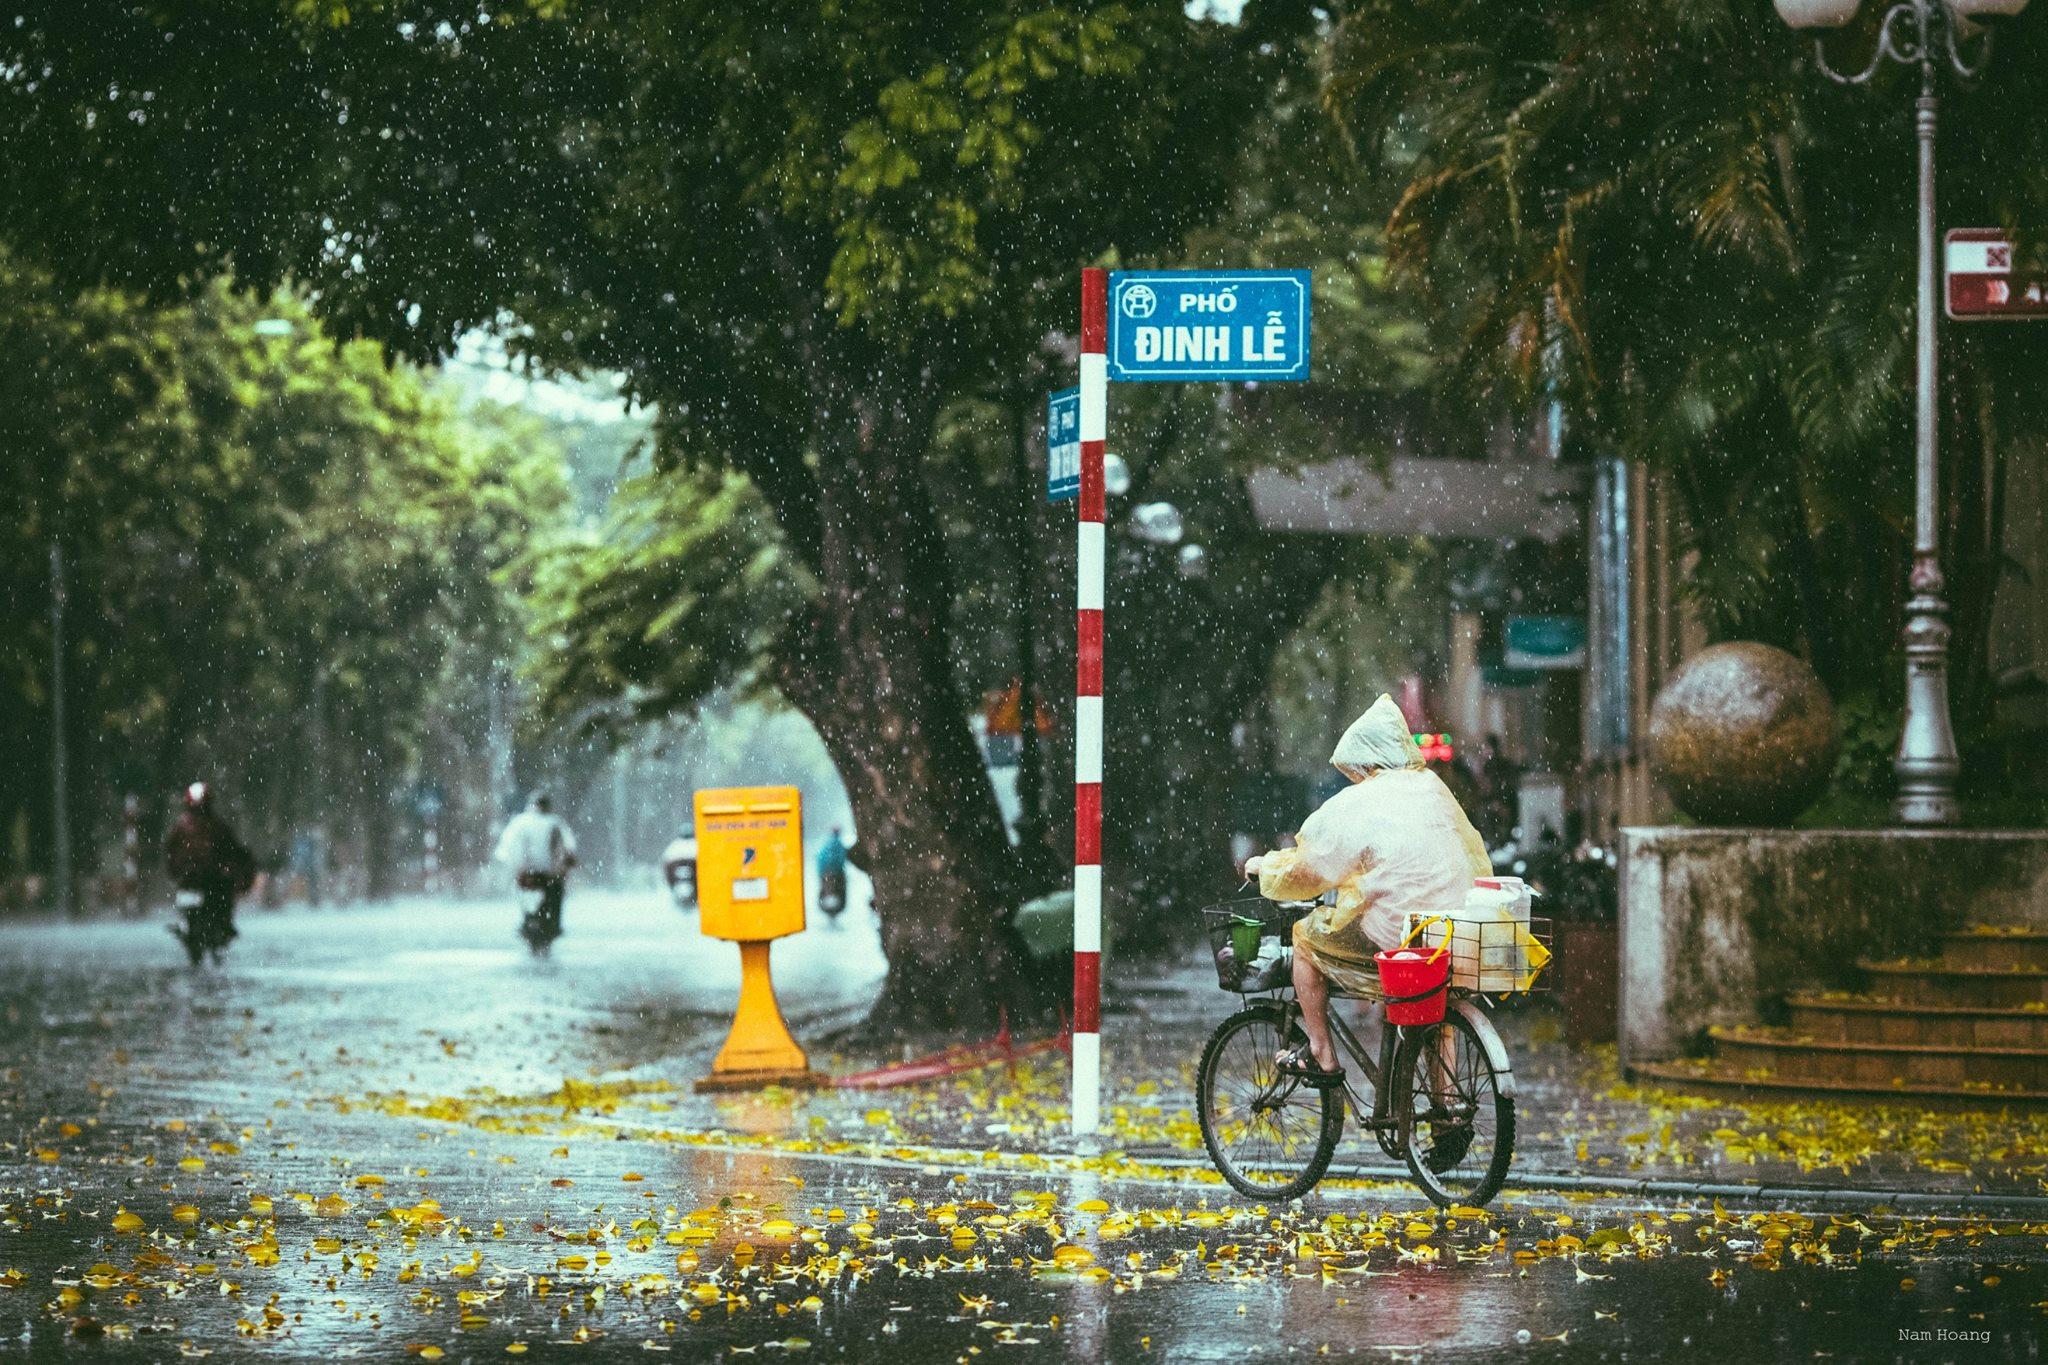 Những bức ảnh tuyệt đẹp này sẽ khiến bạn nhận ra, trong mưa, cuộc